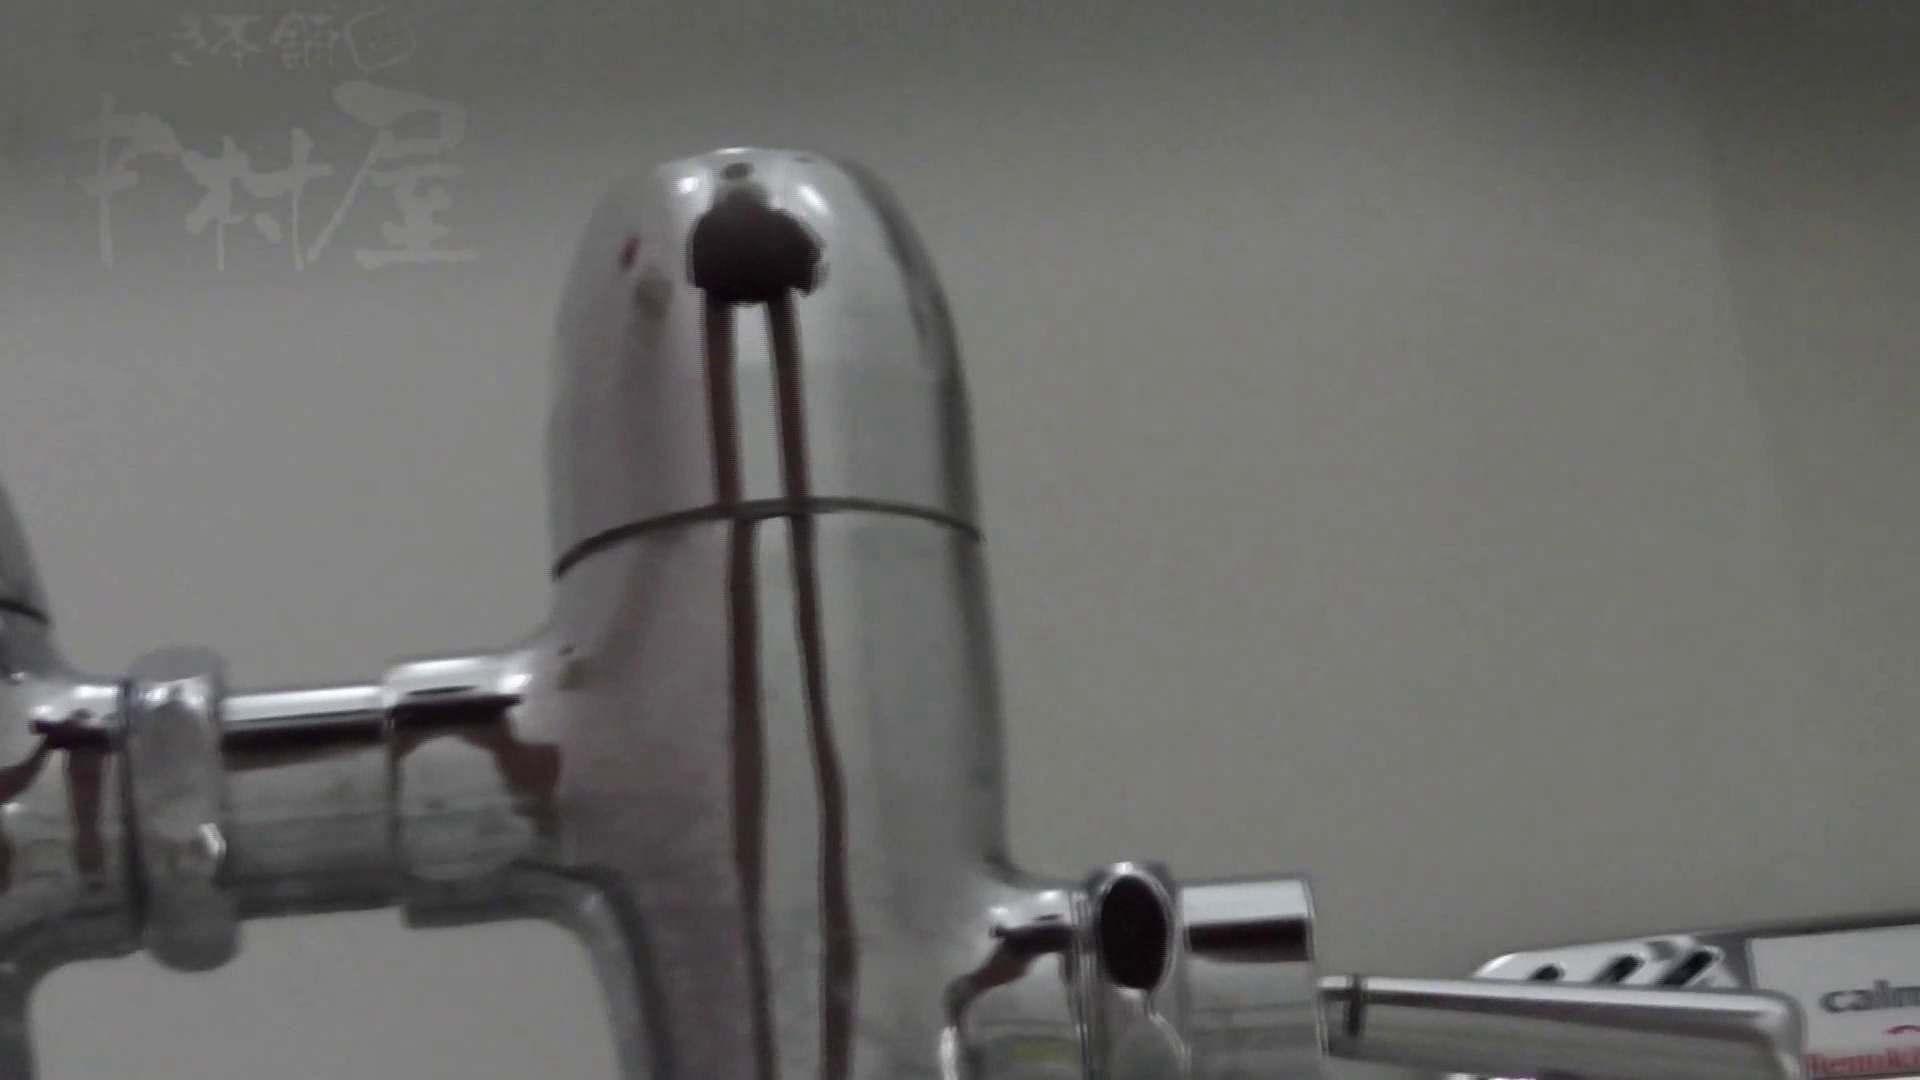 美しい日本の未来 No.29 豹柄サンダルはイ更●気味??? 便器 ぱこり動画紹介 111連発 89